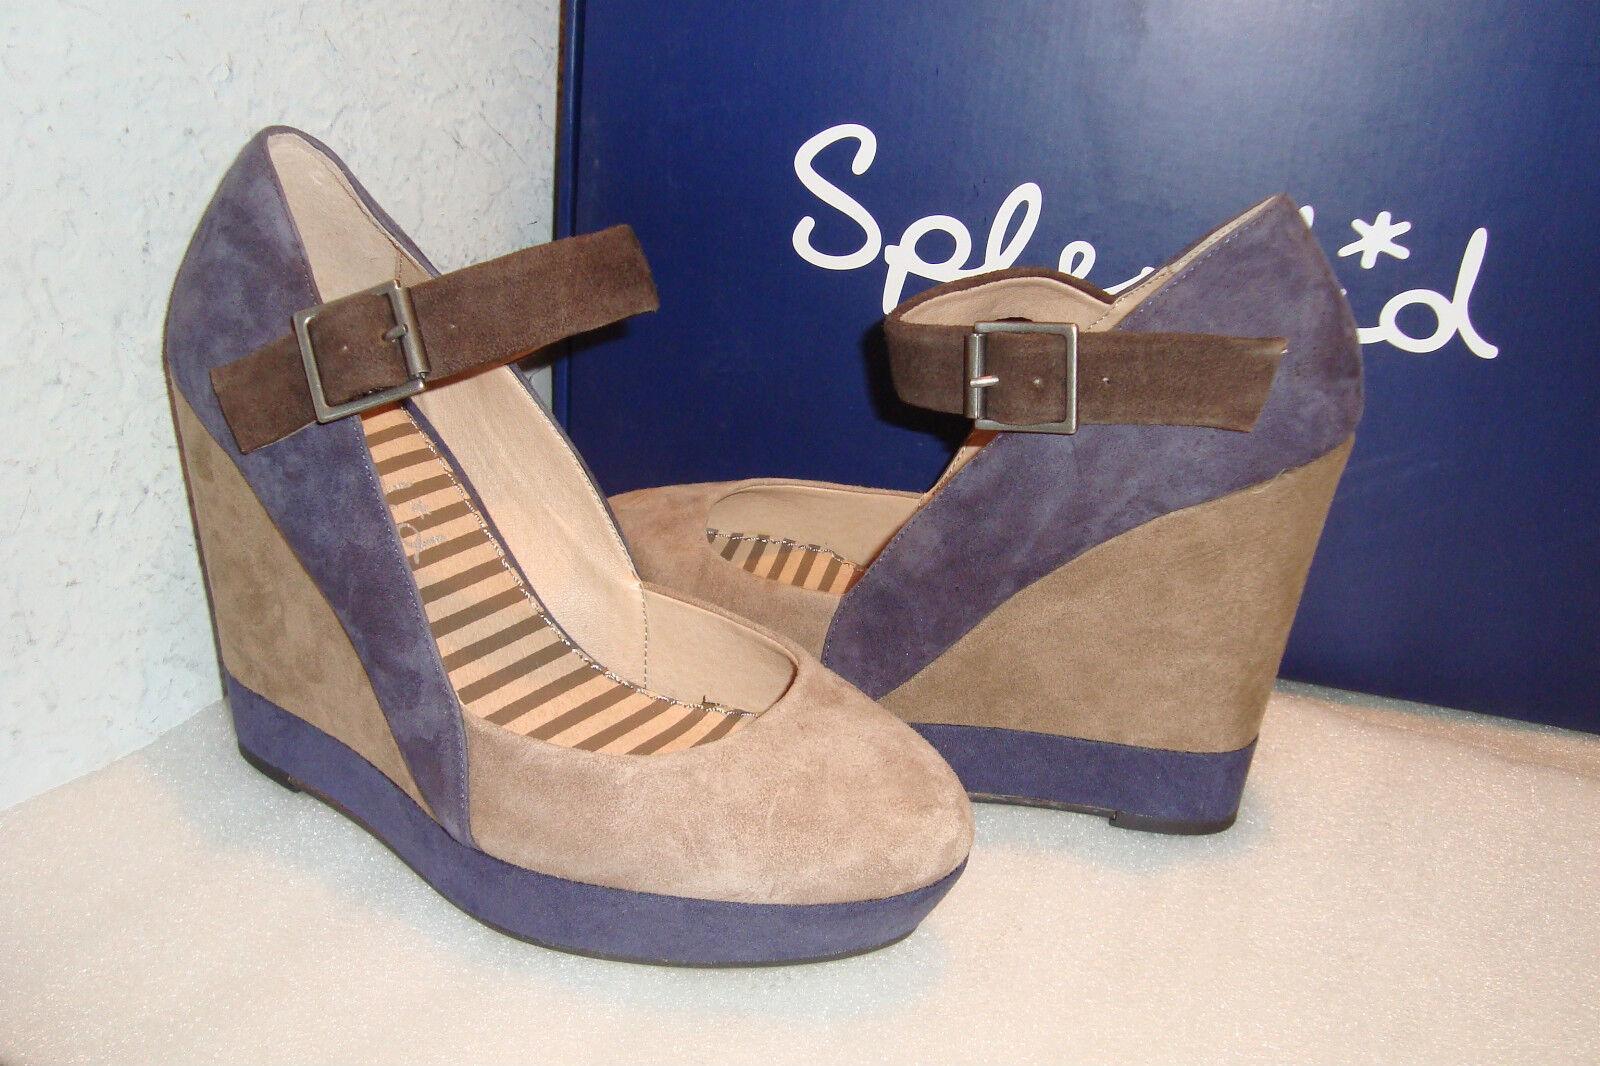 Splendid Footwear Womens NWB Larabee Larabee Larabee Latte Tan Wedge Suede shoes 8 MED NEW d2d2e8